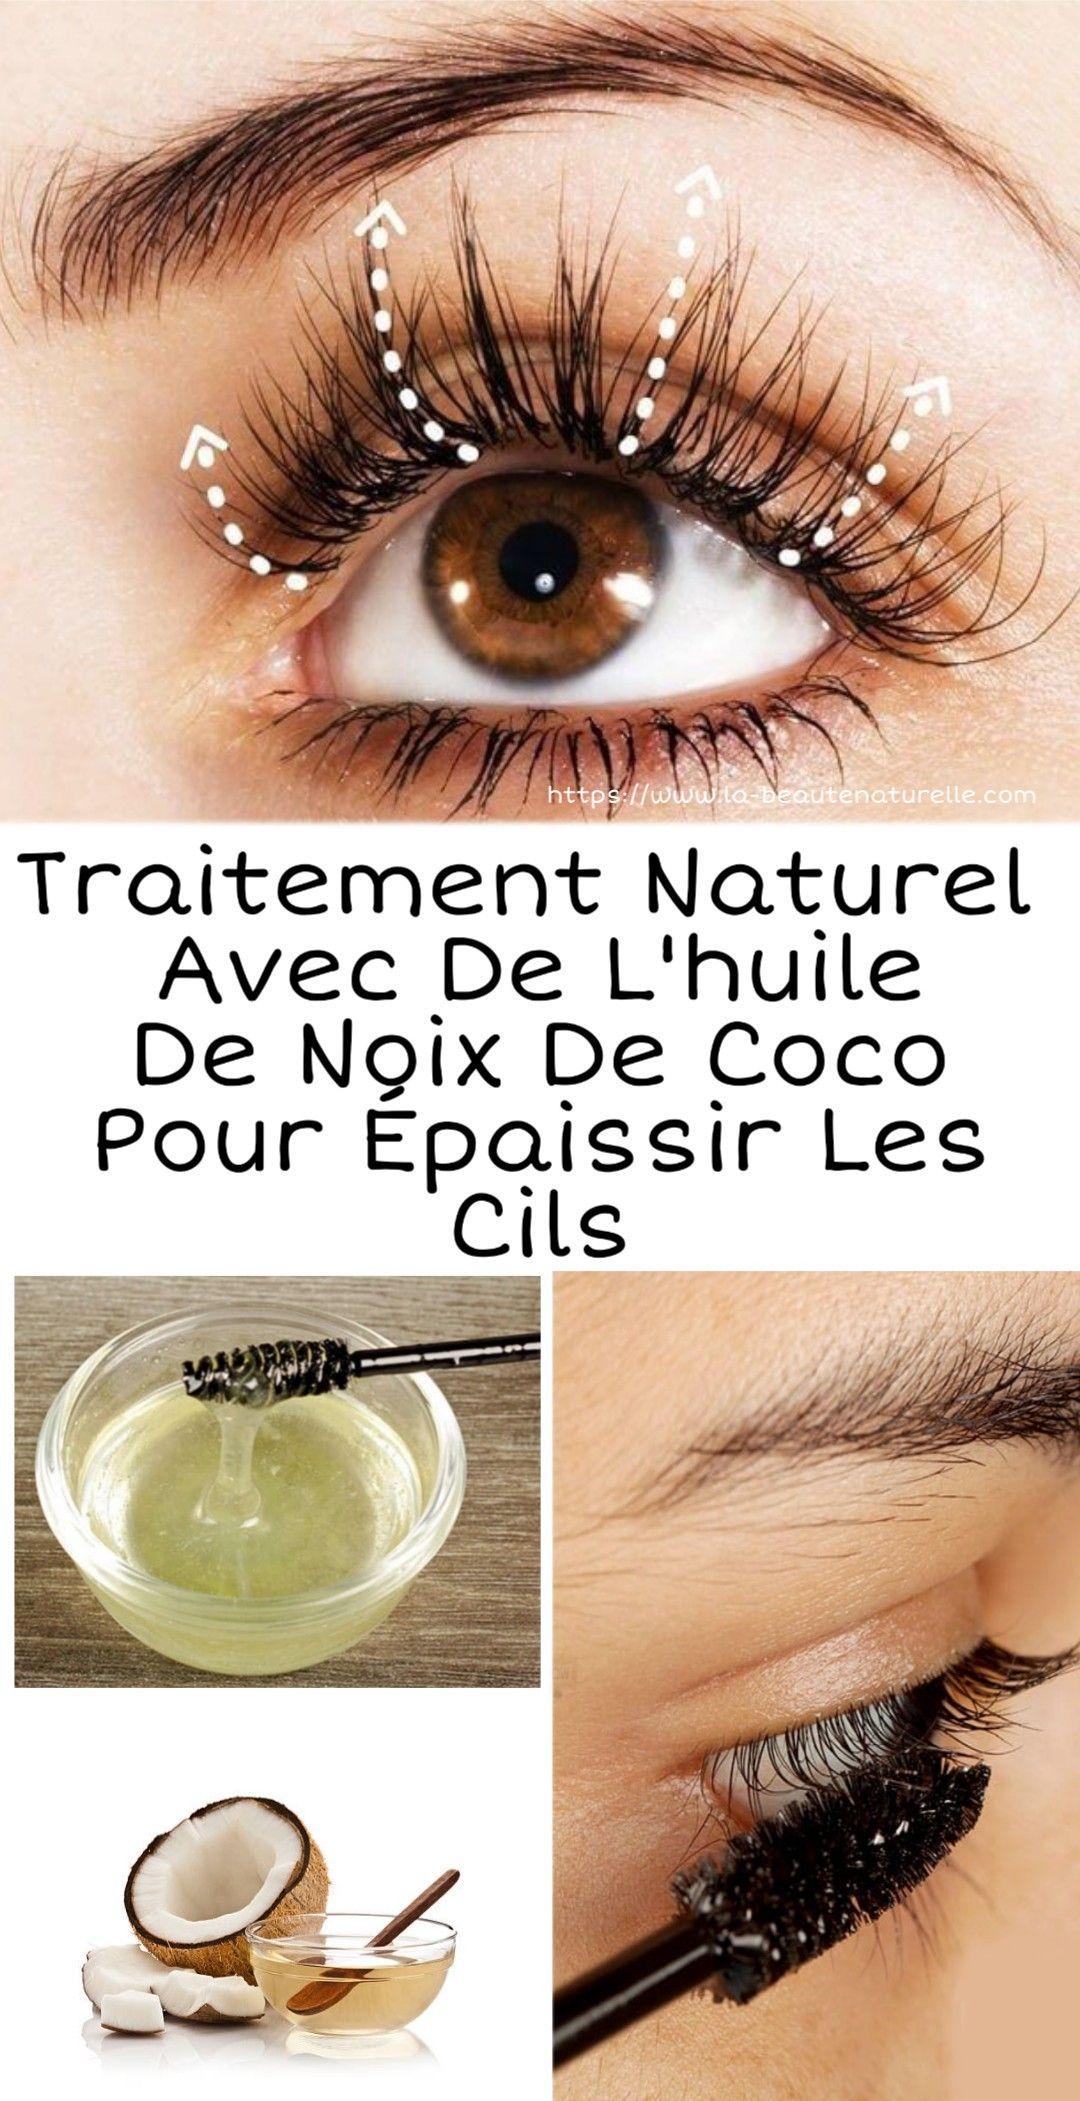 Traitement naturel à l'huile de coco pour épaissir les cils